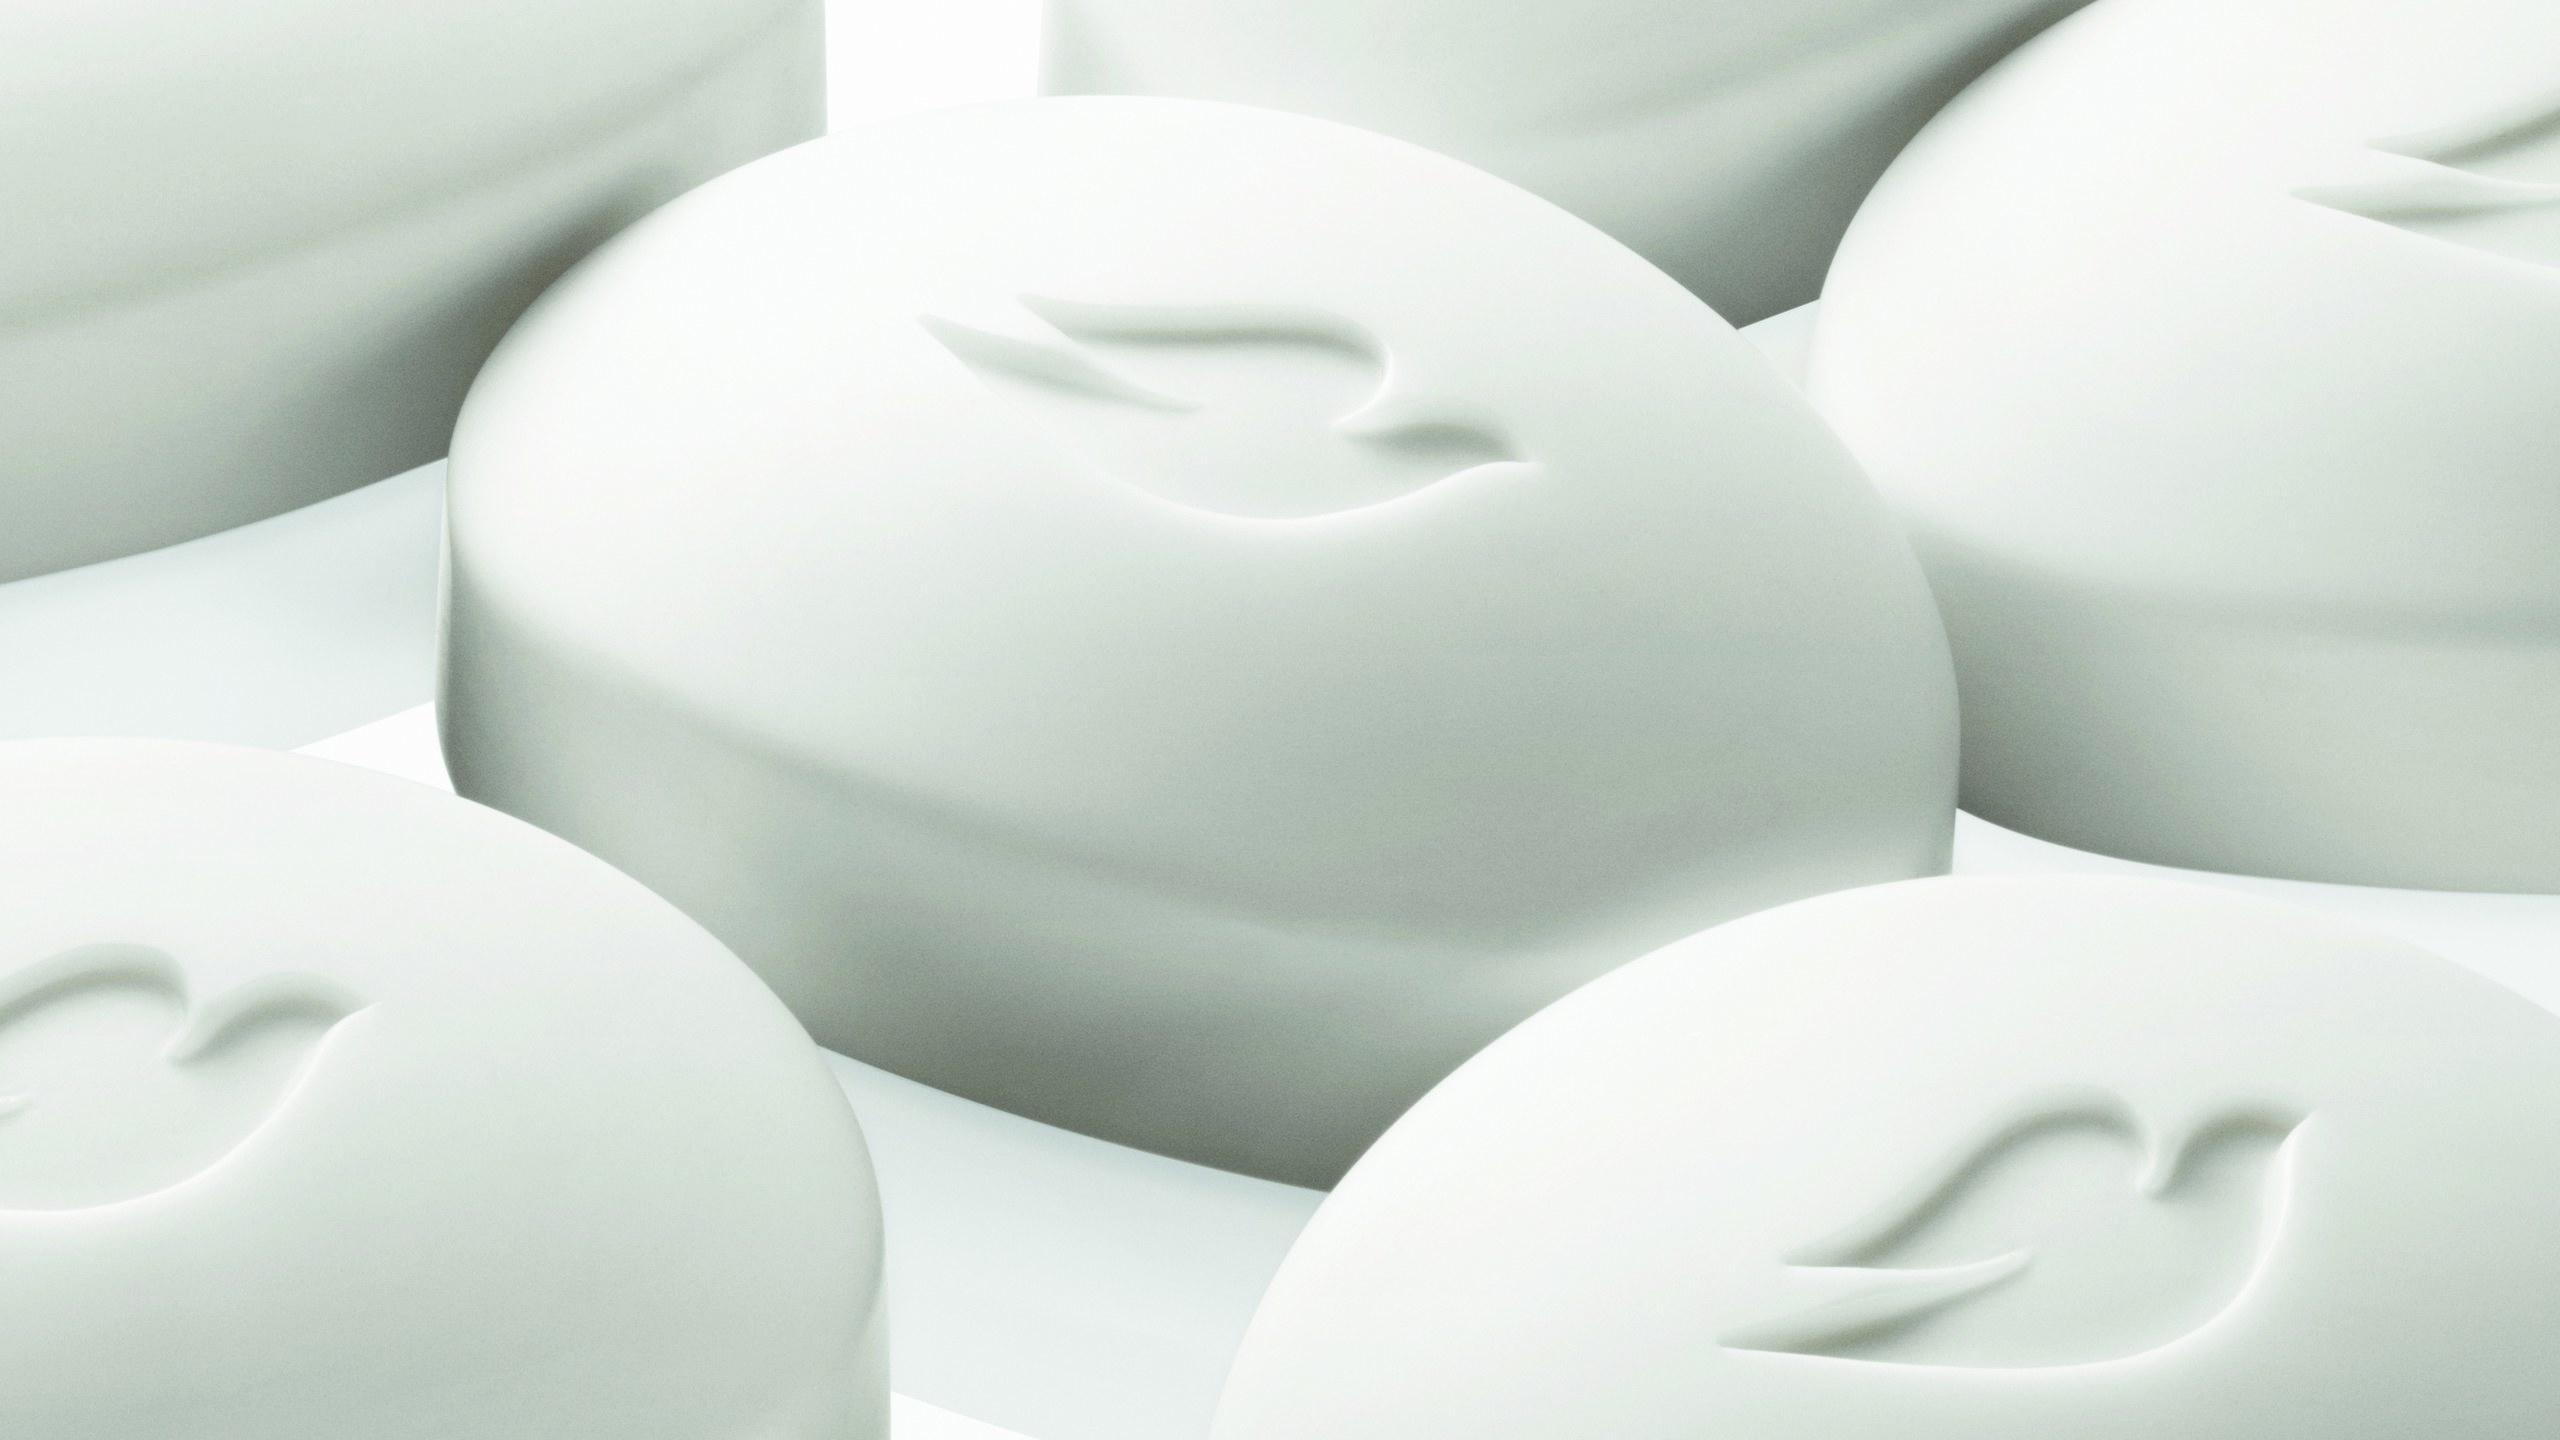 Το Dove θα αντικαταστήσει τις φιάλες του από 100% ανακυκλωμένο πλαστικό μέχρι το τέλος της χρονιάς!